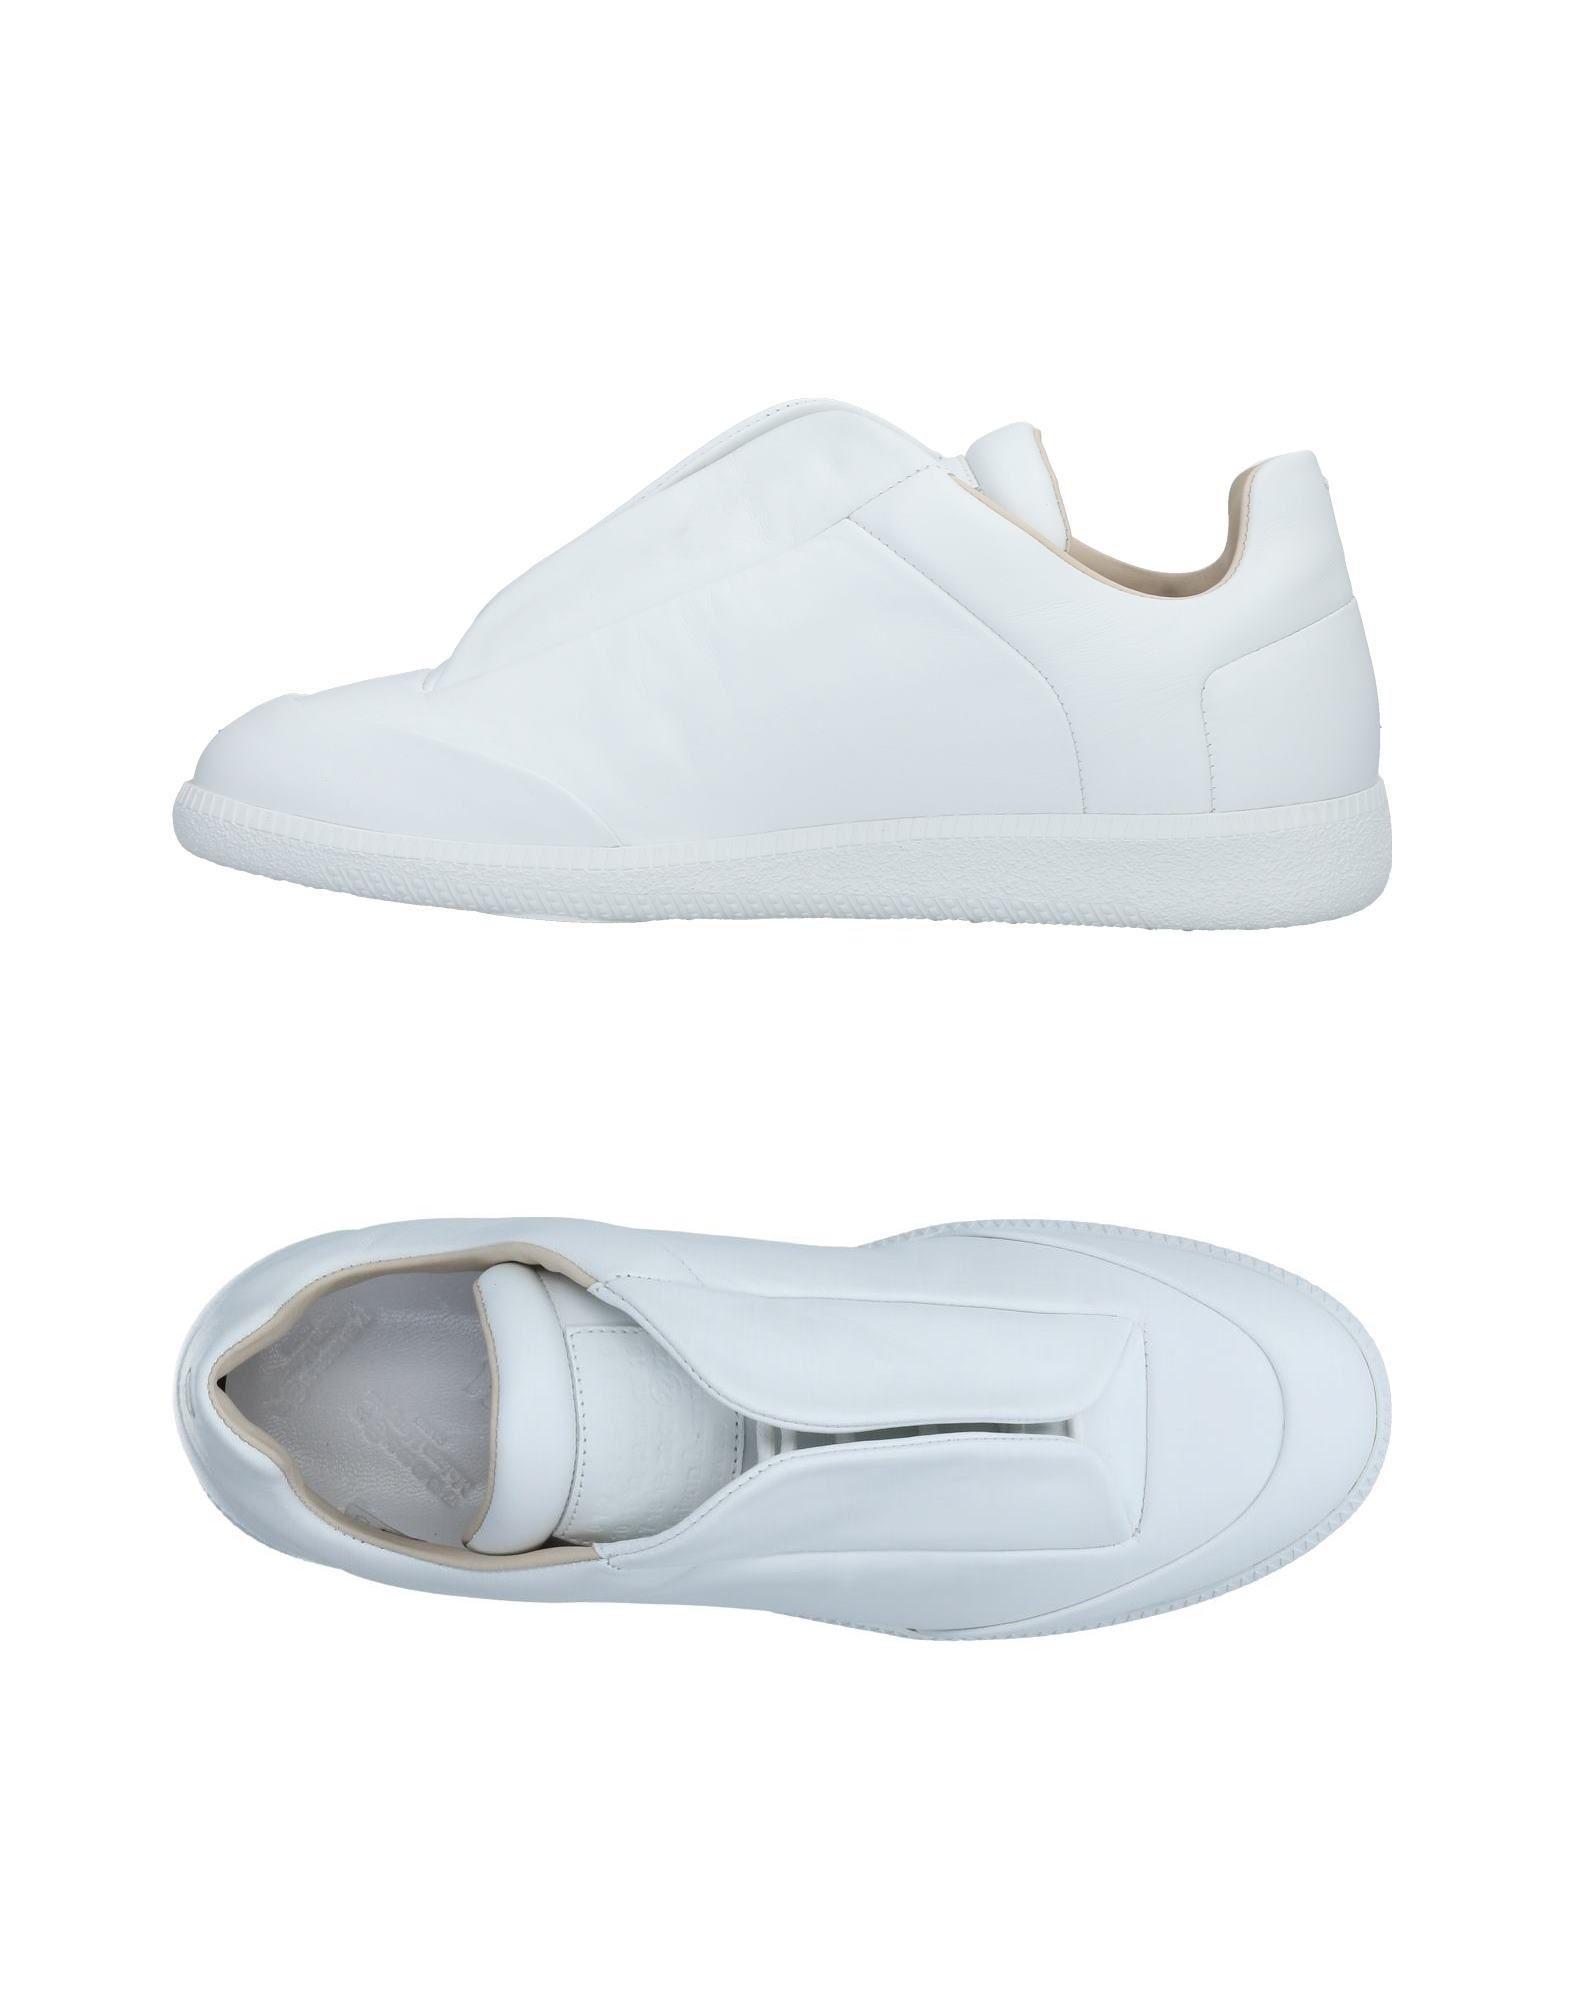 Maison Margiela Sneakers Herren  11471953JV 11471953JV  fd3532